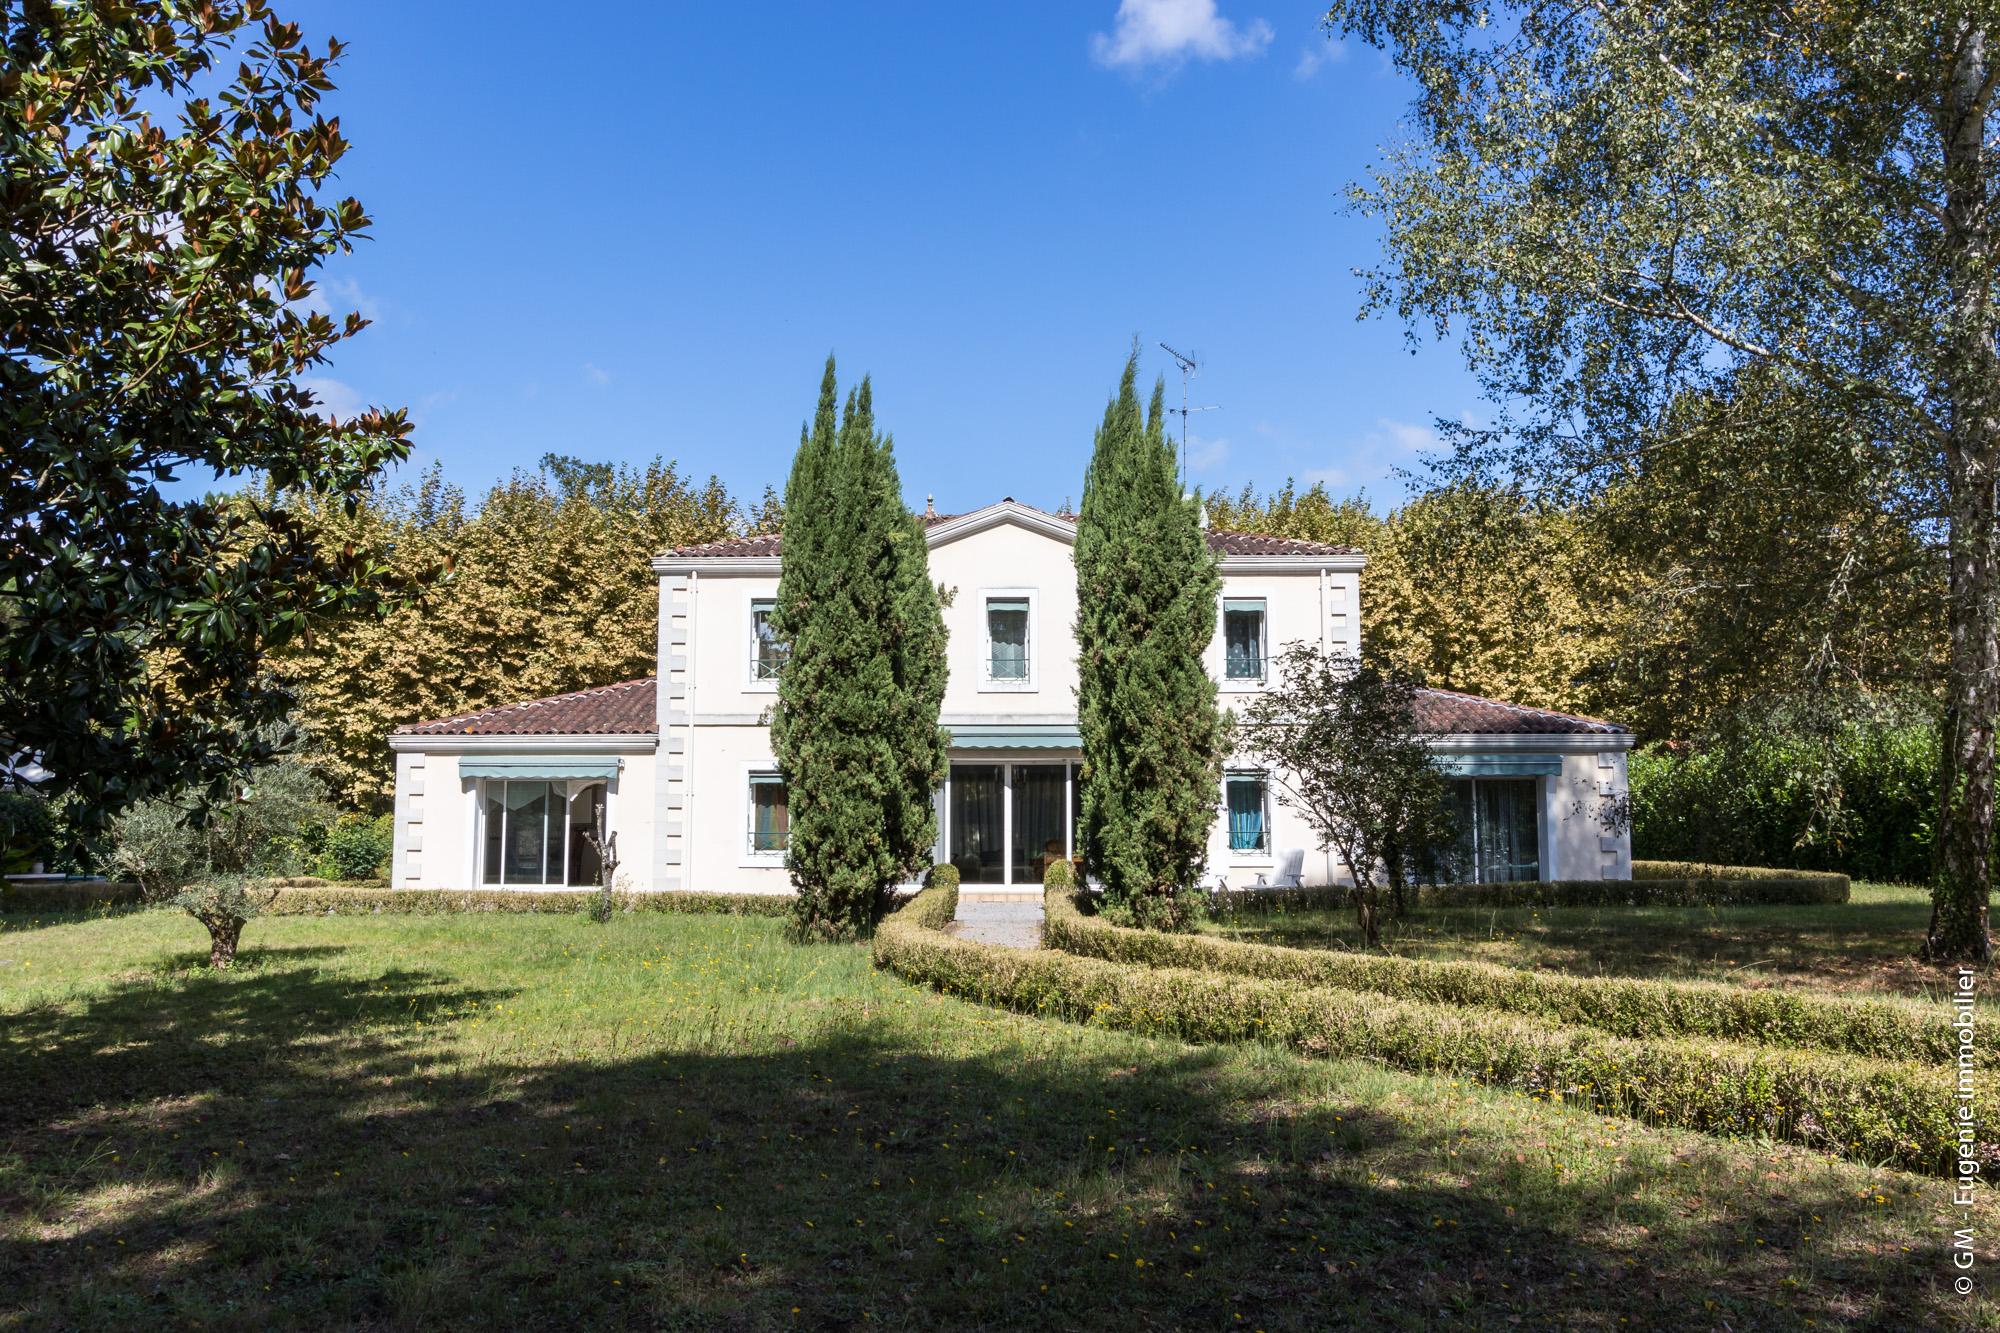 Maison de Maitre 275 m² 10p Beau Parc Arboré 6800 m²